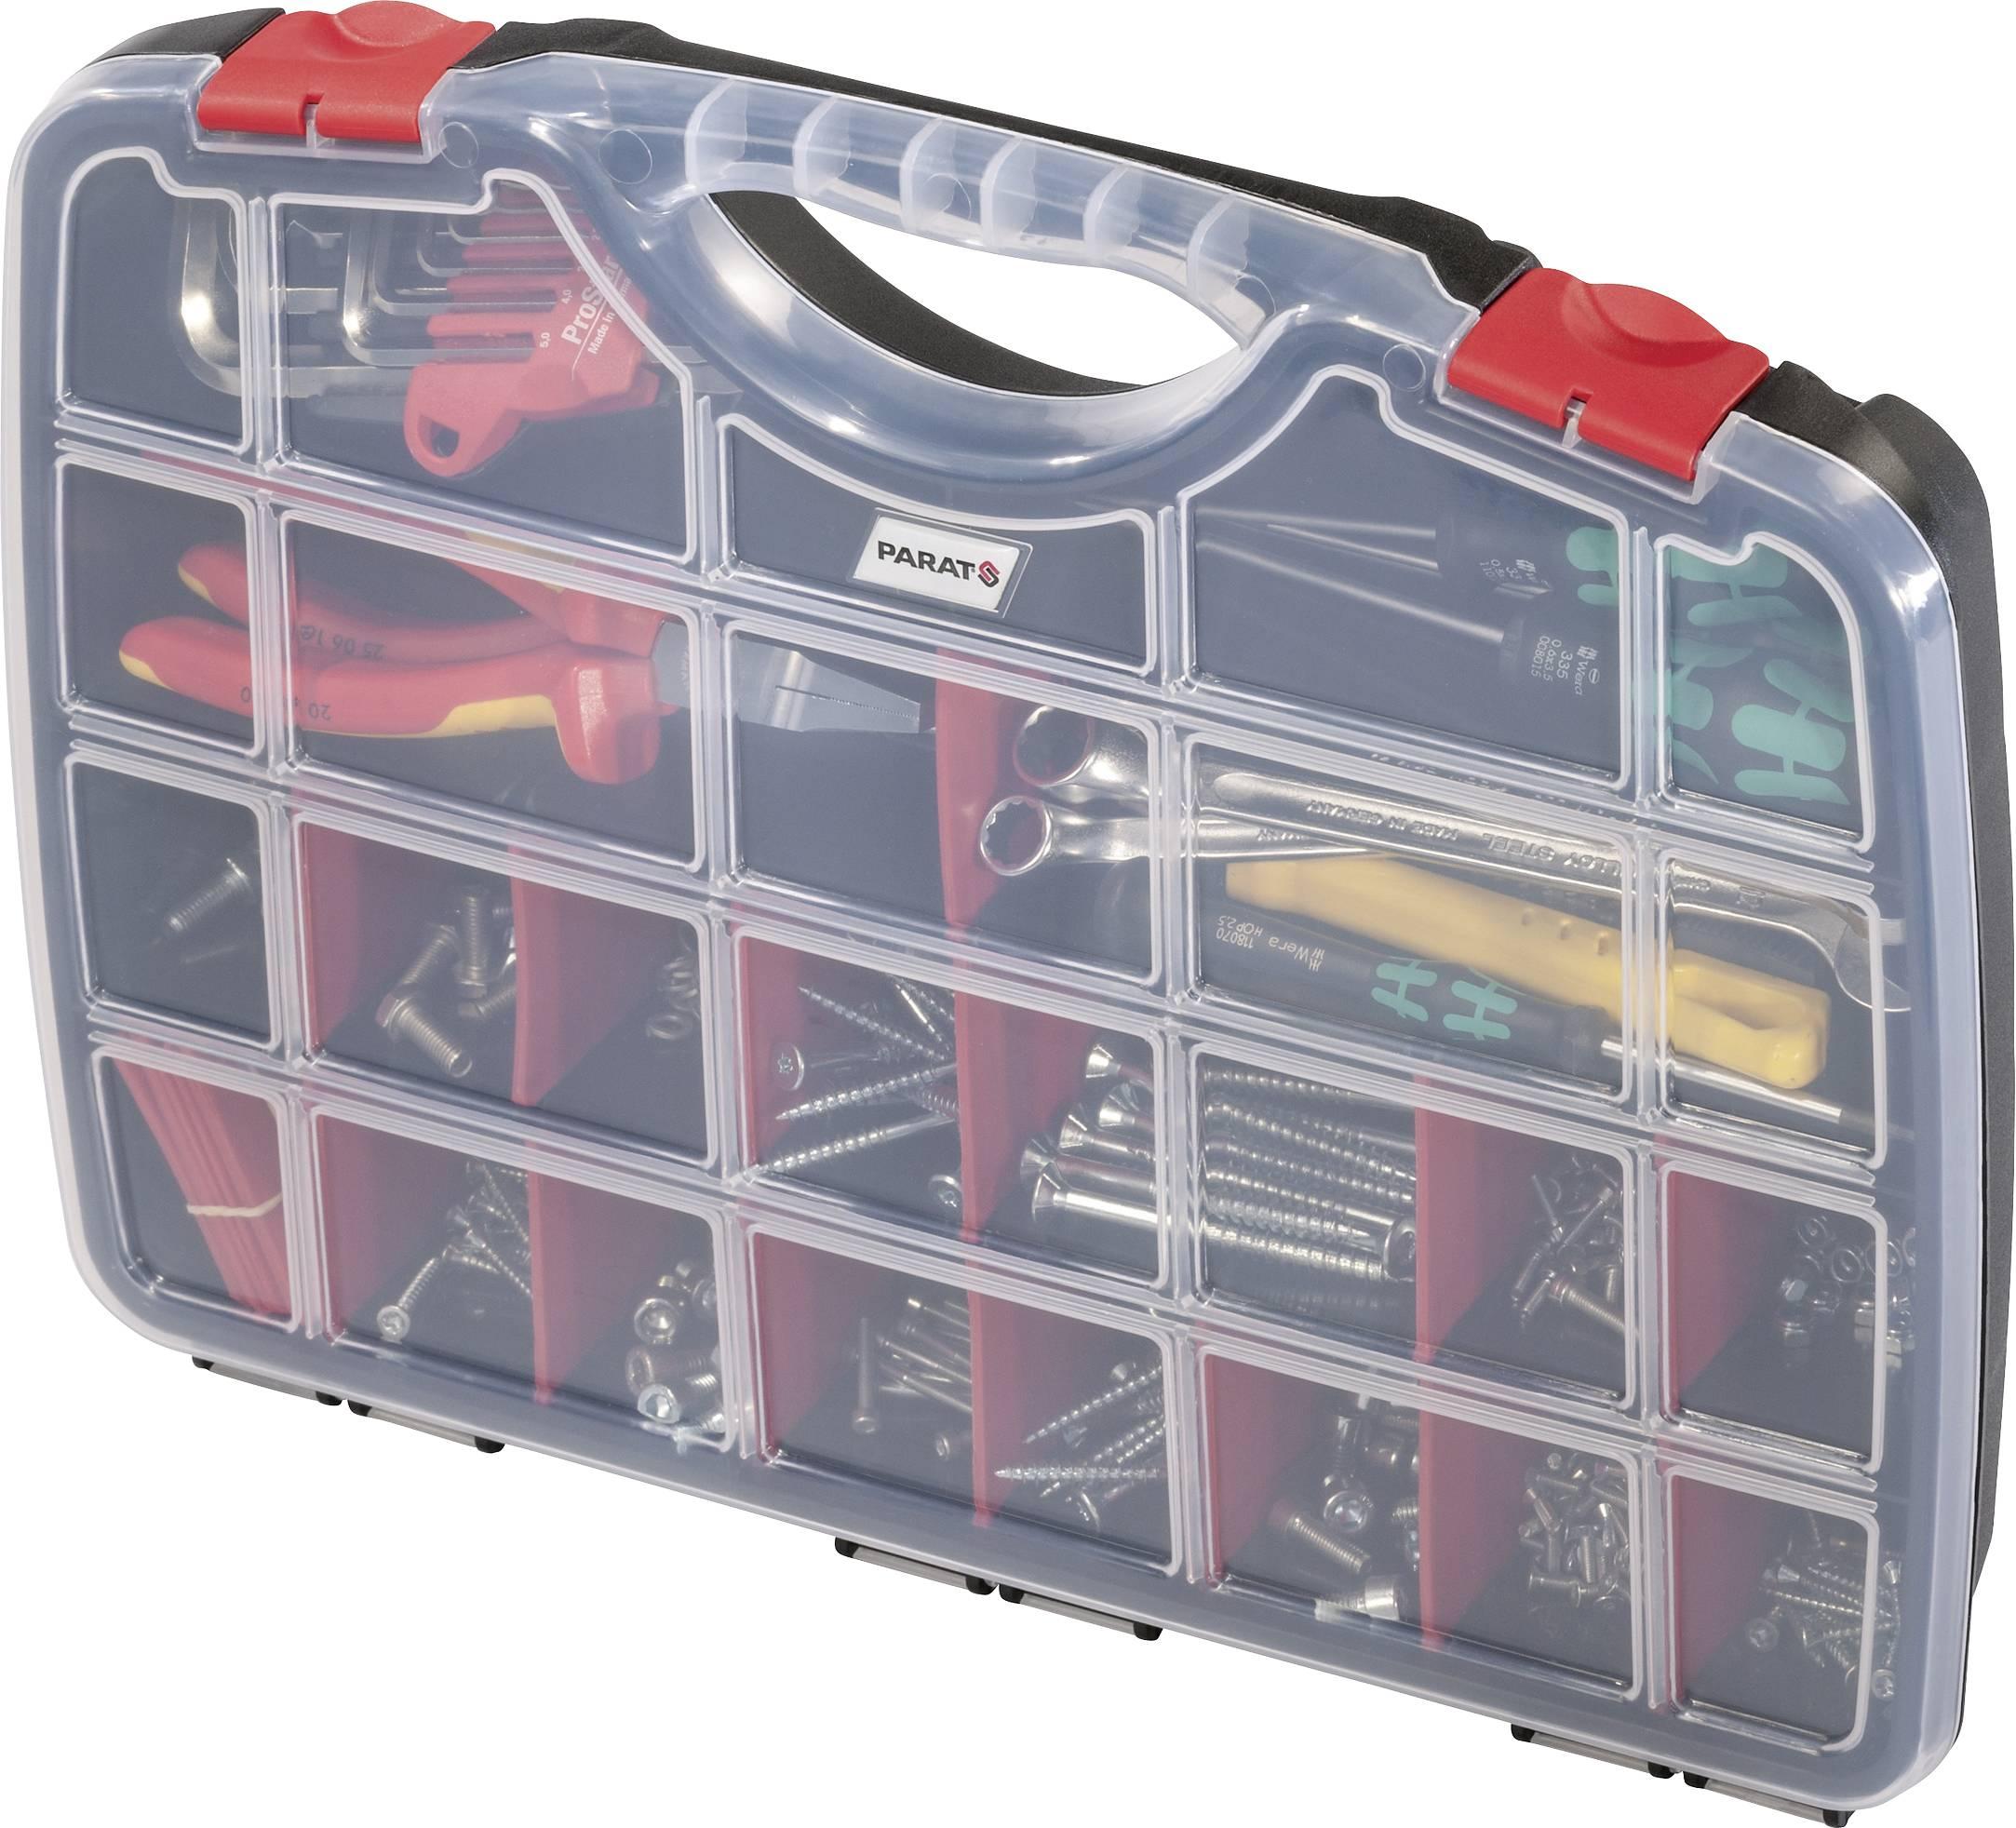 Parat PROFI-LINE Organize S sortirni kovček (Š x V x G) 390 x 290 x 60 mm Število predalov: 26   1 kos